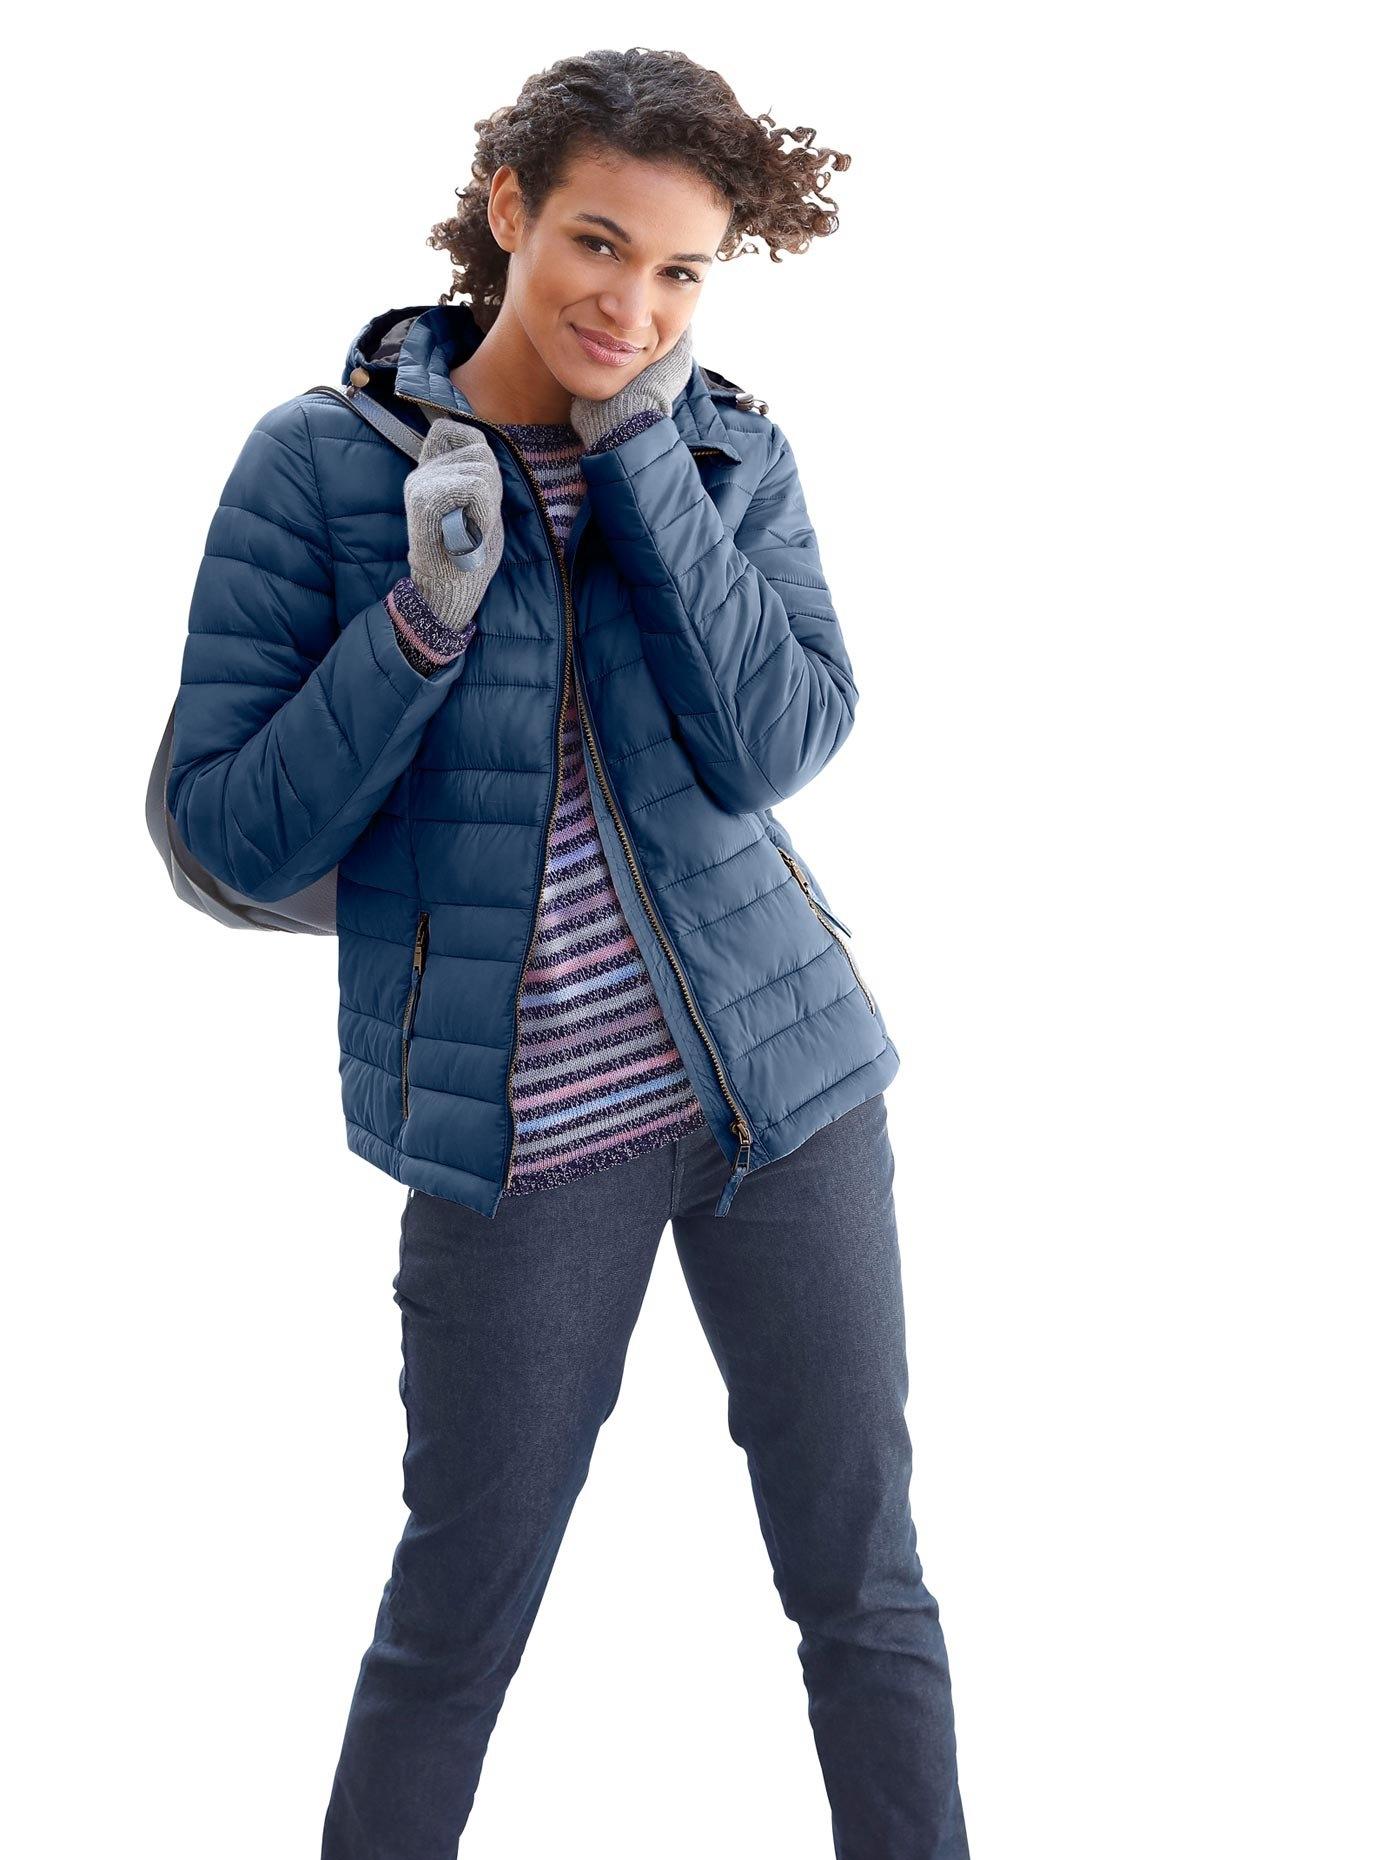 Casual Looks jas met een sportief stikselmotief - verschillende betaalmethodes